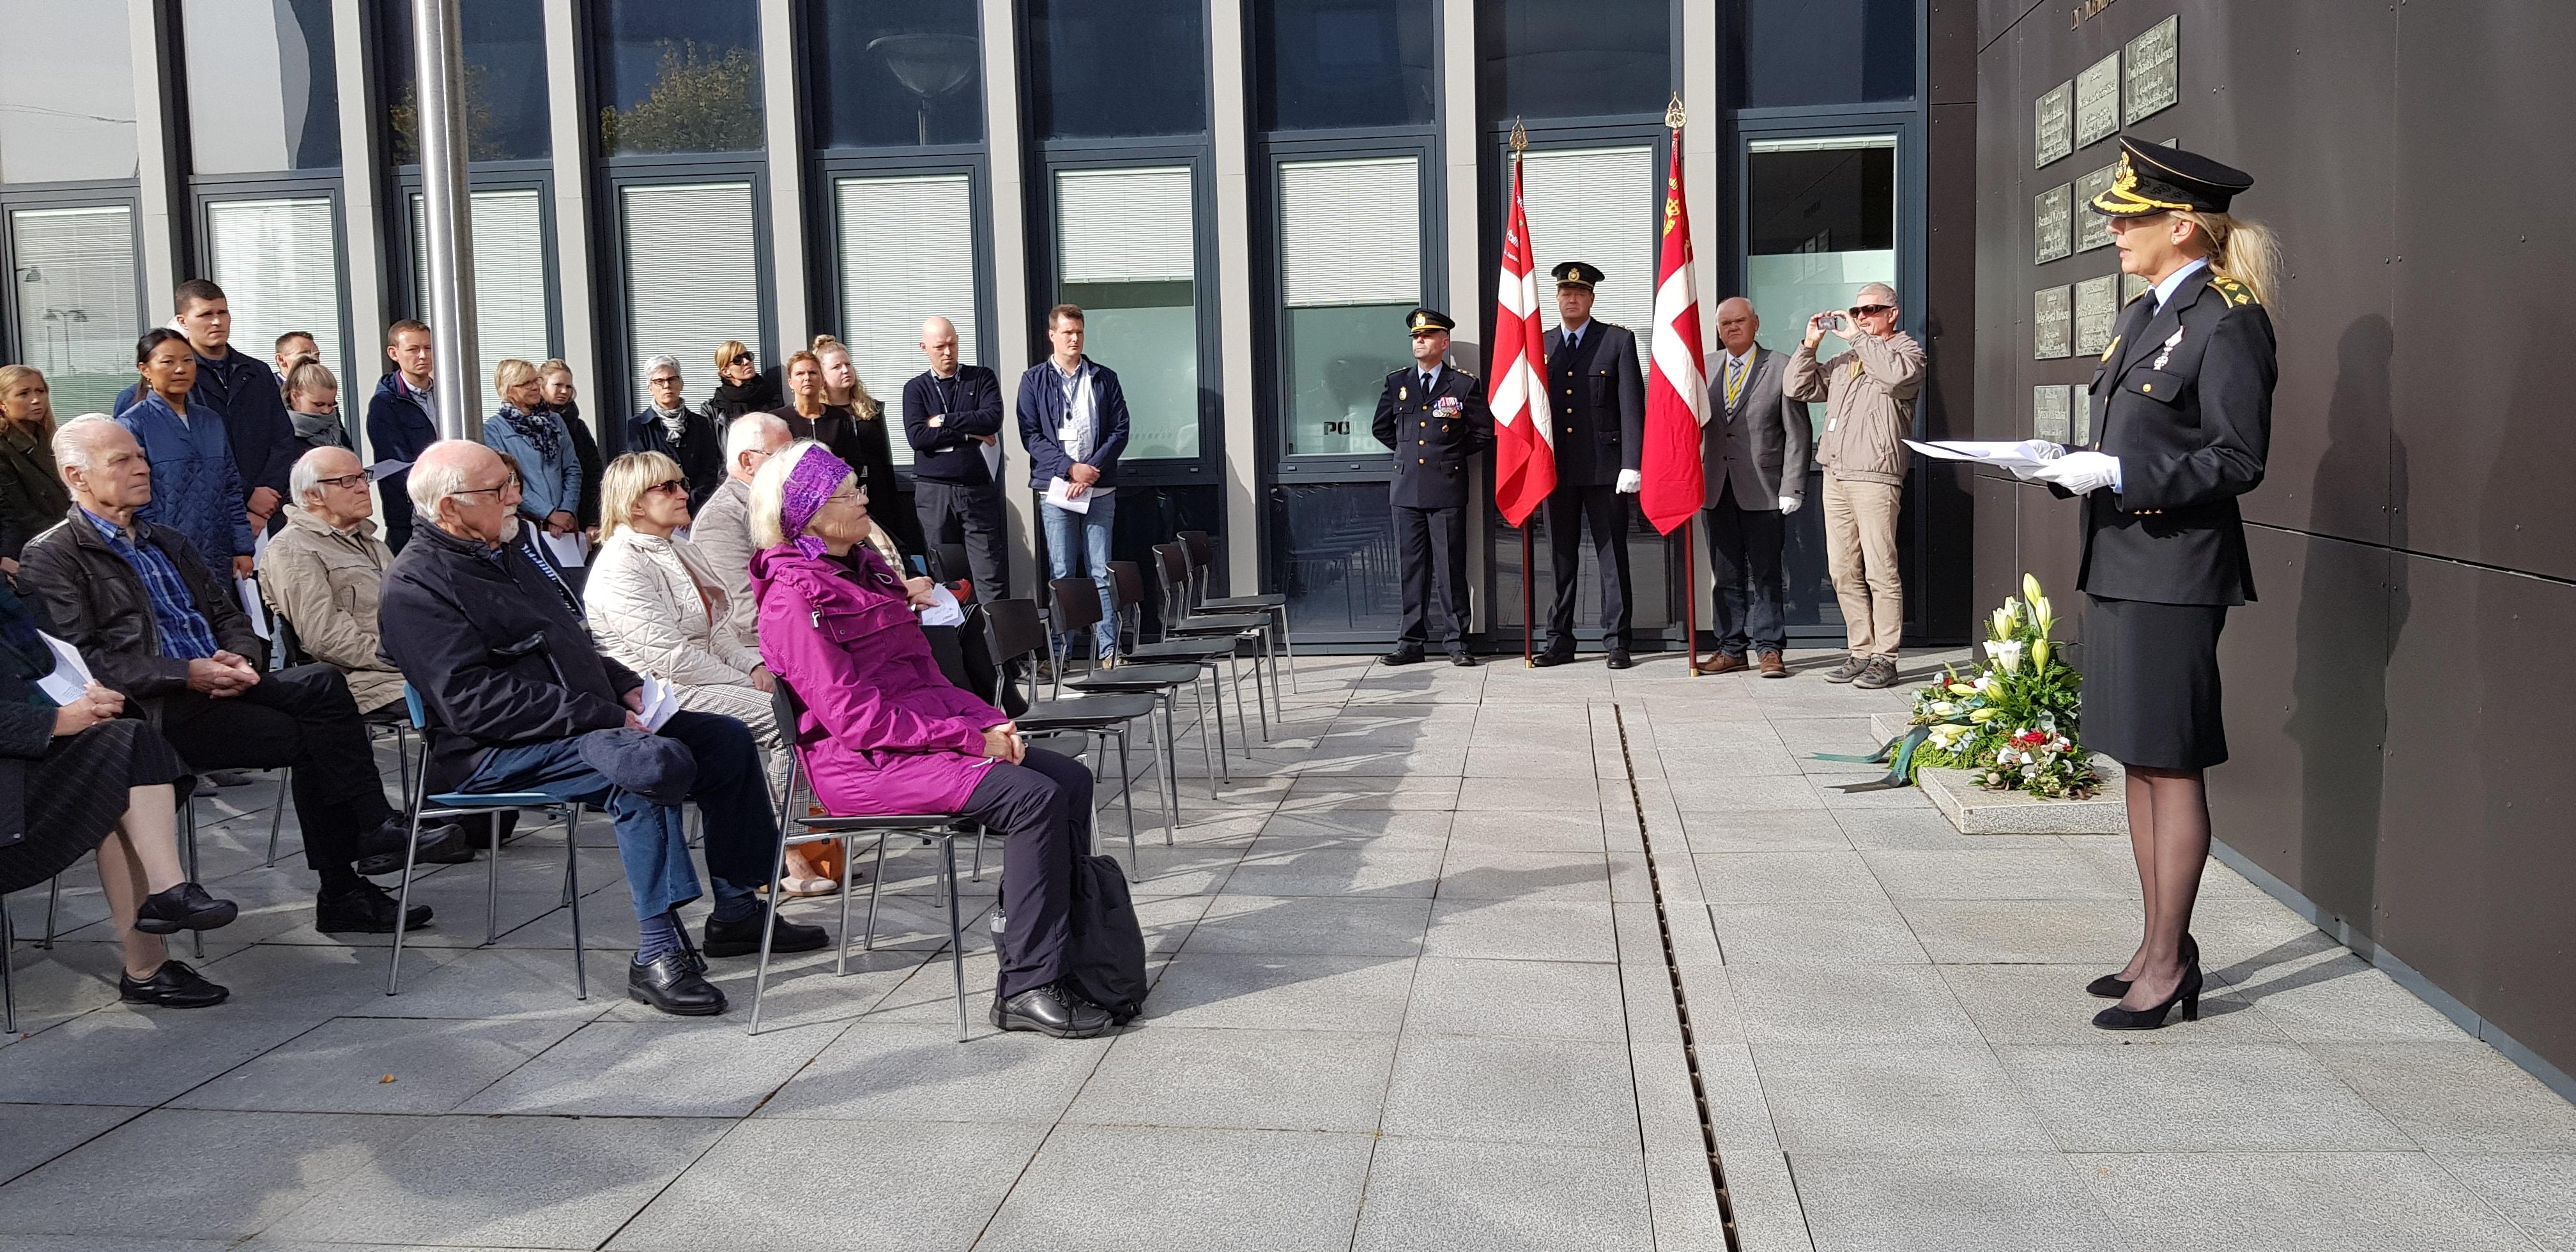 Politidirektør Anne Marie Roum Svendsen holde mindetale på forpladsen ved Aalborg Politigård på politiets mindedag 2019.